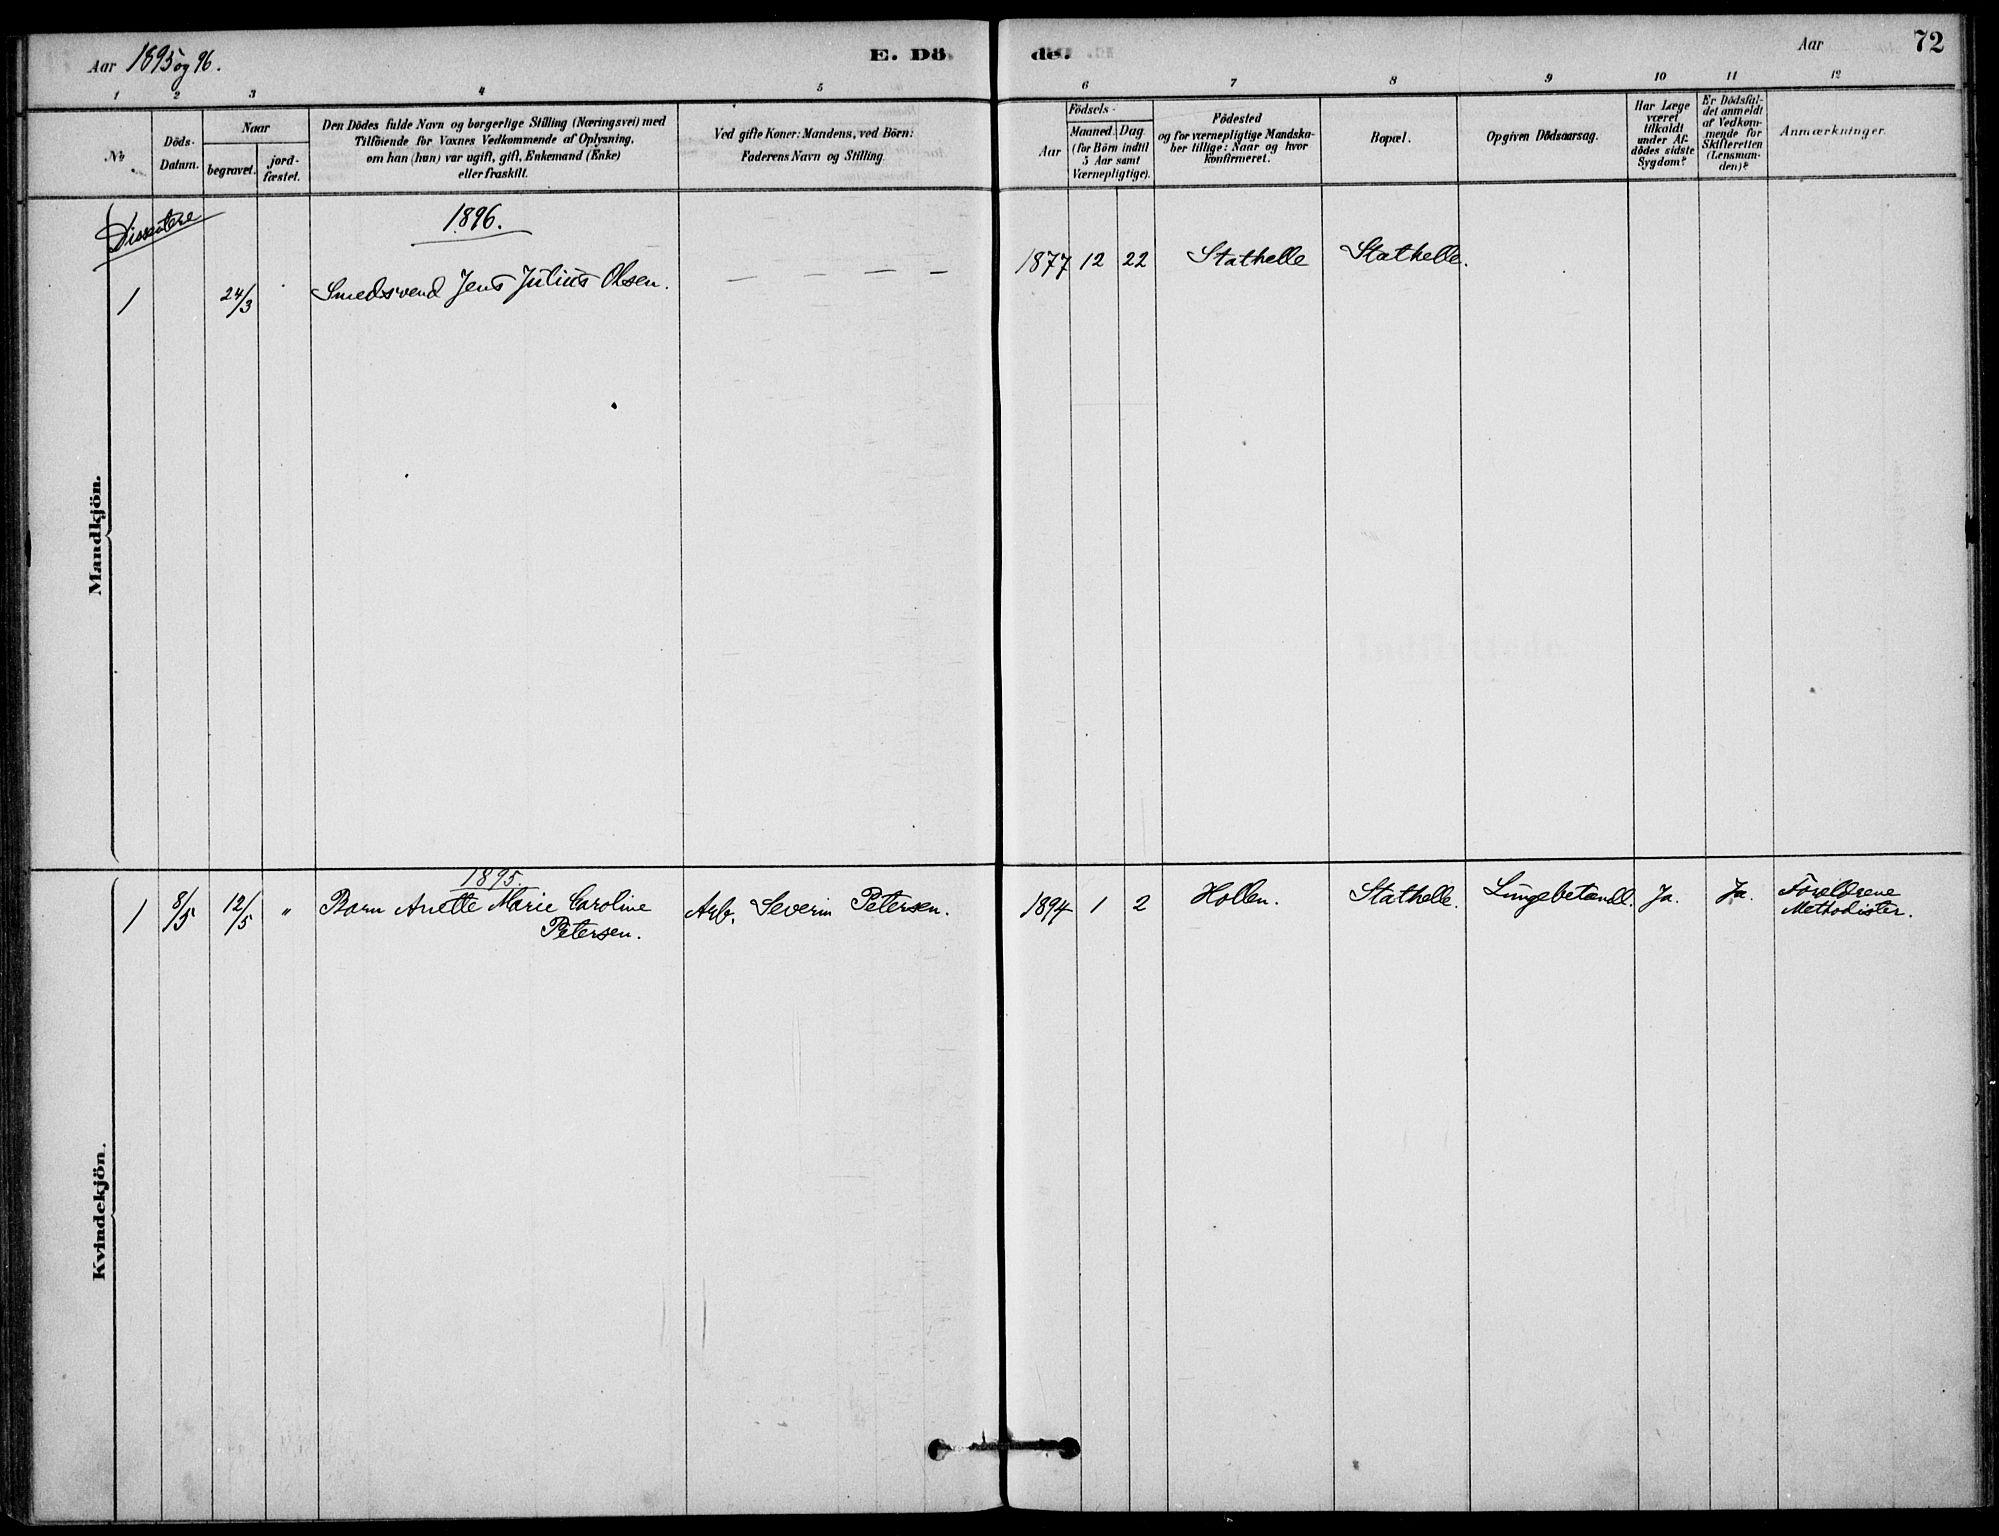 SAKO, Bamble kirkebøker, G/Gb/L0001: Klokkerbok nr. II 1, 1878-1900, s. 72